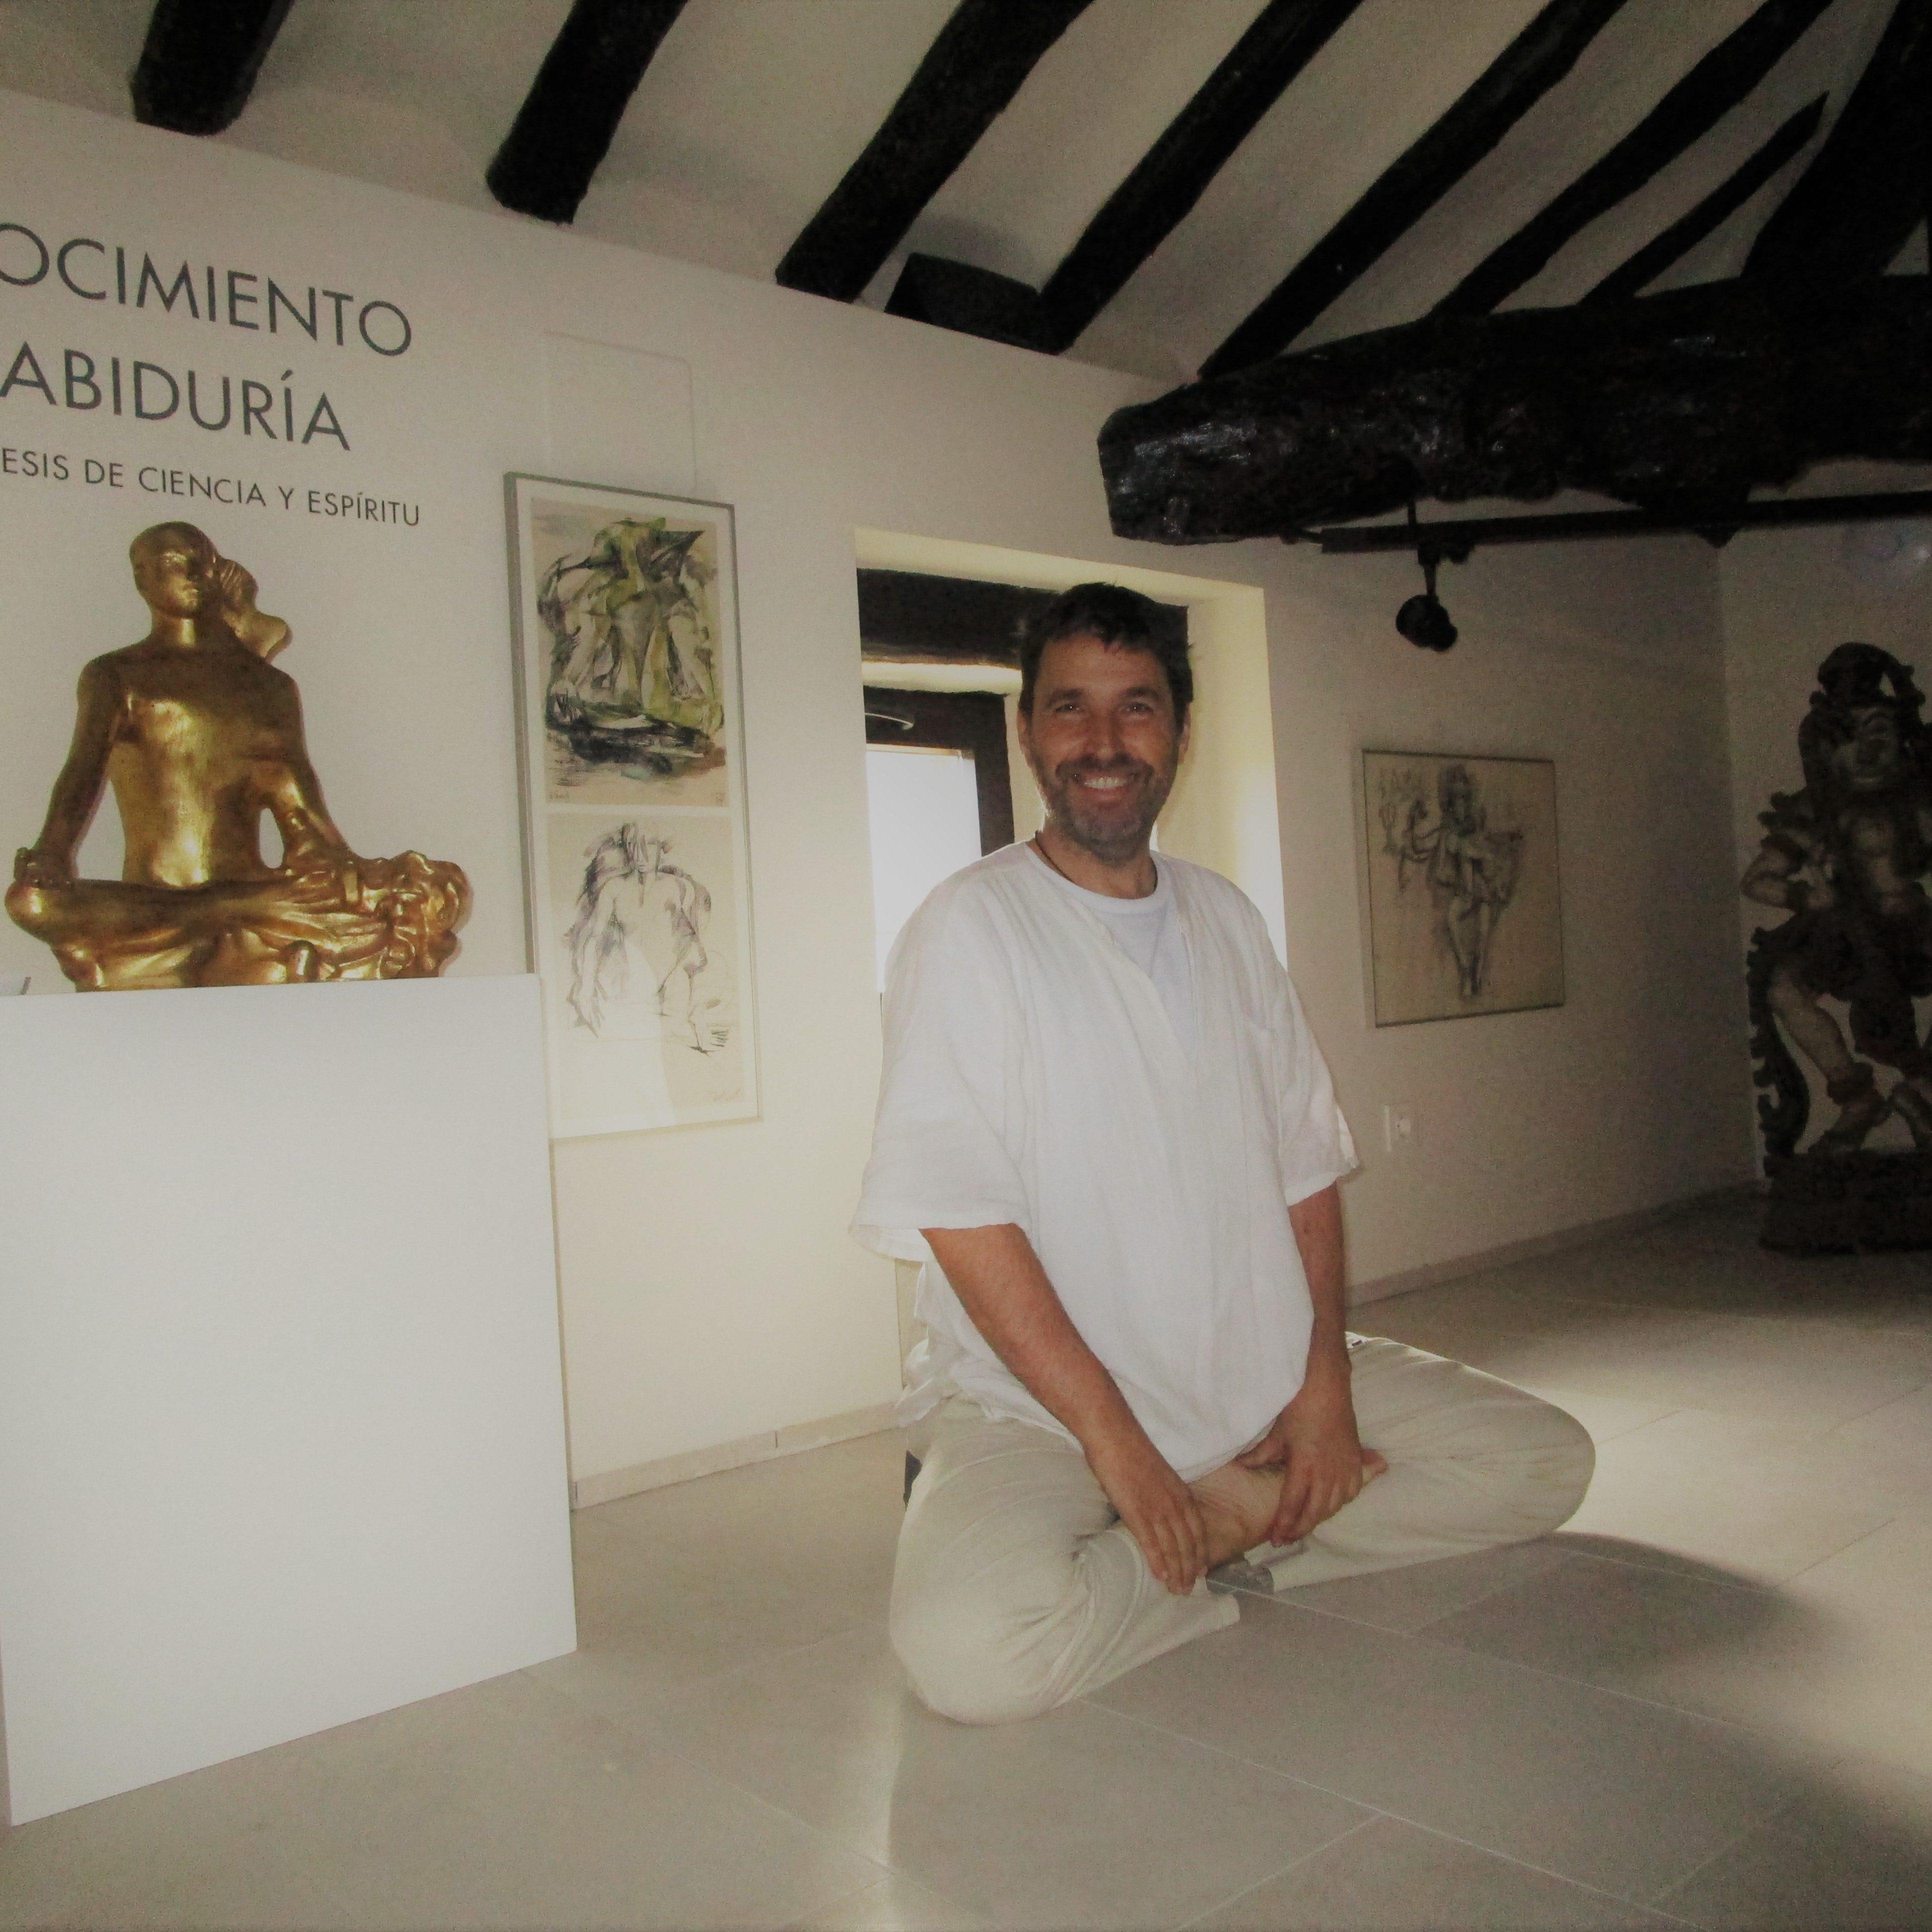 Raúl Hernández Amillano guiará la próxima sesión del seminario de yoga, meditación y relajación.